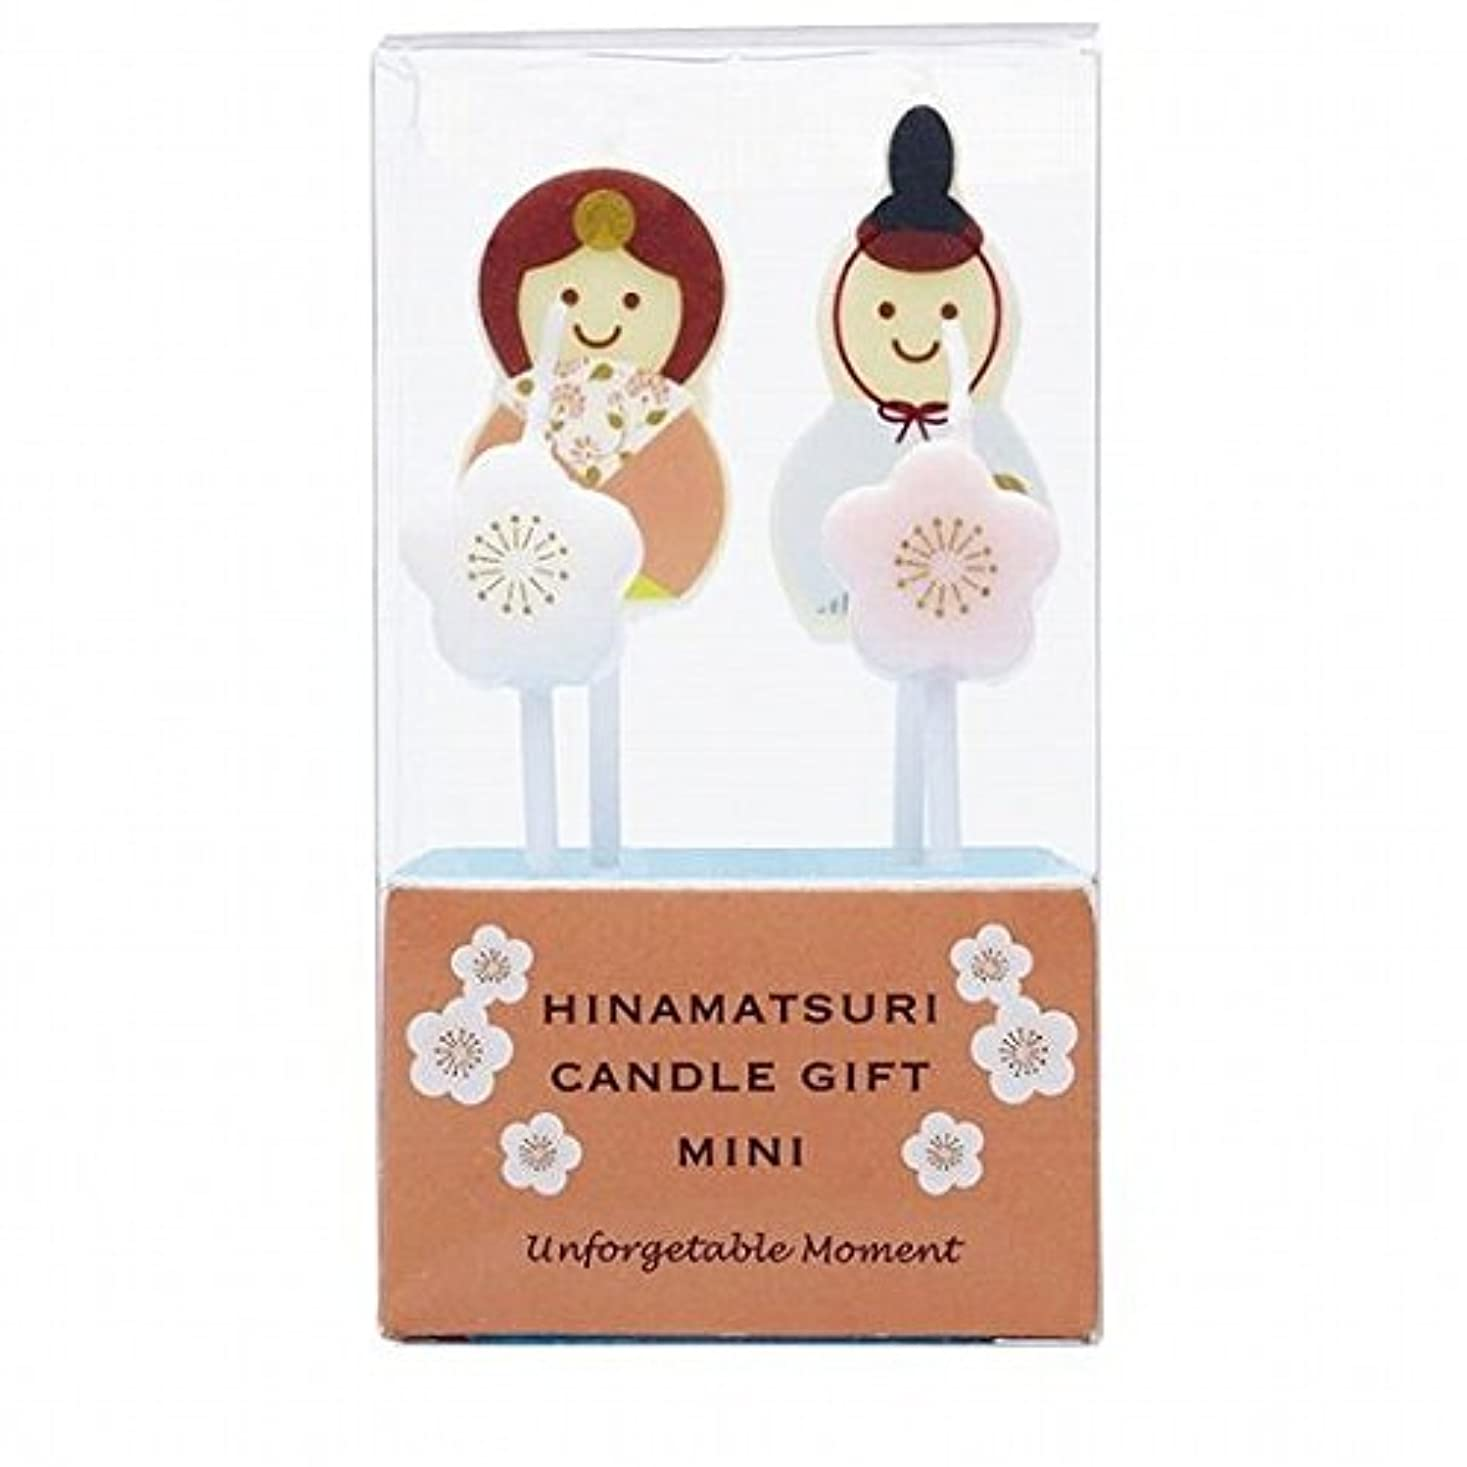 ディレイに同意するフリースkameyama candle(カメヤマキャンドル) ひなまつりキャンドルギフトミニ(55350080)